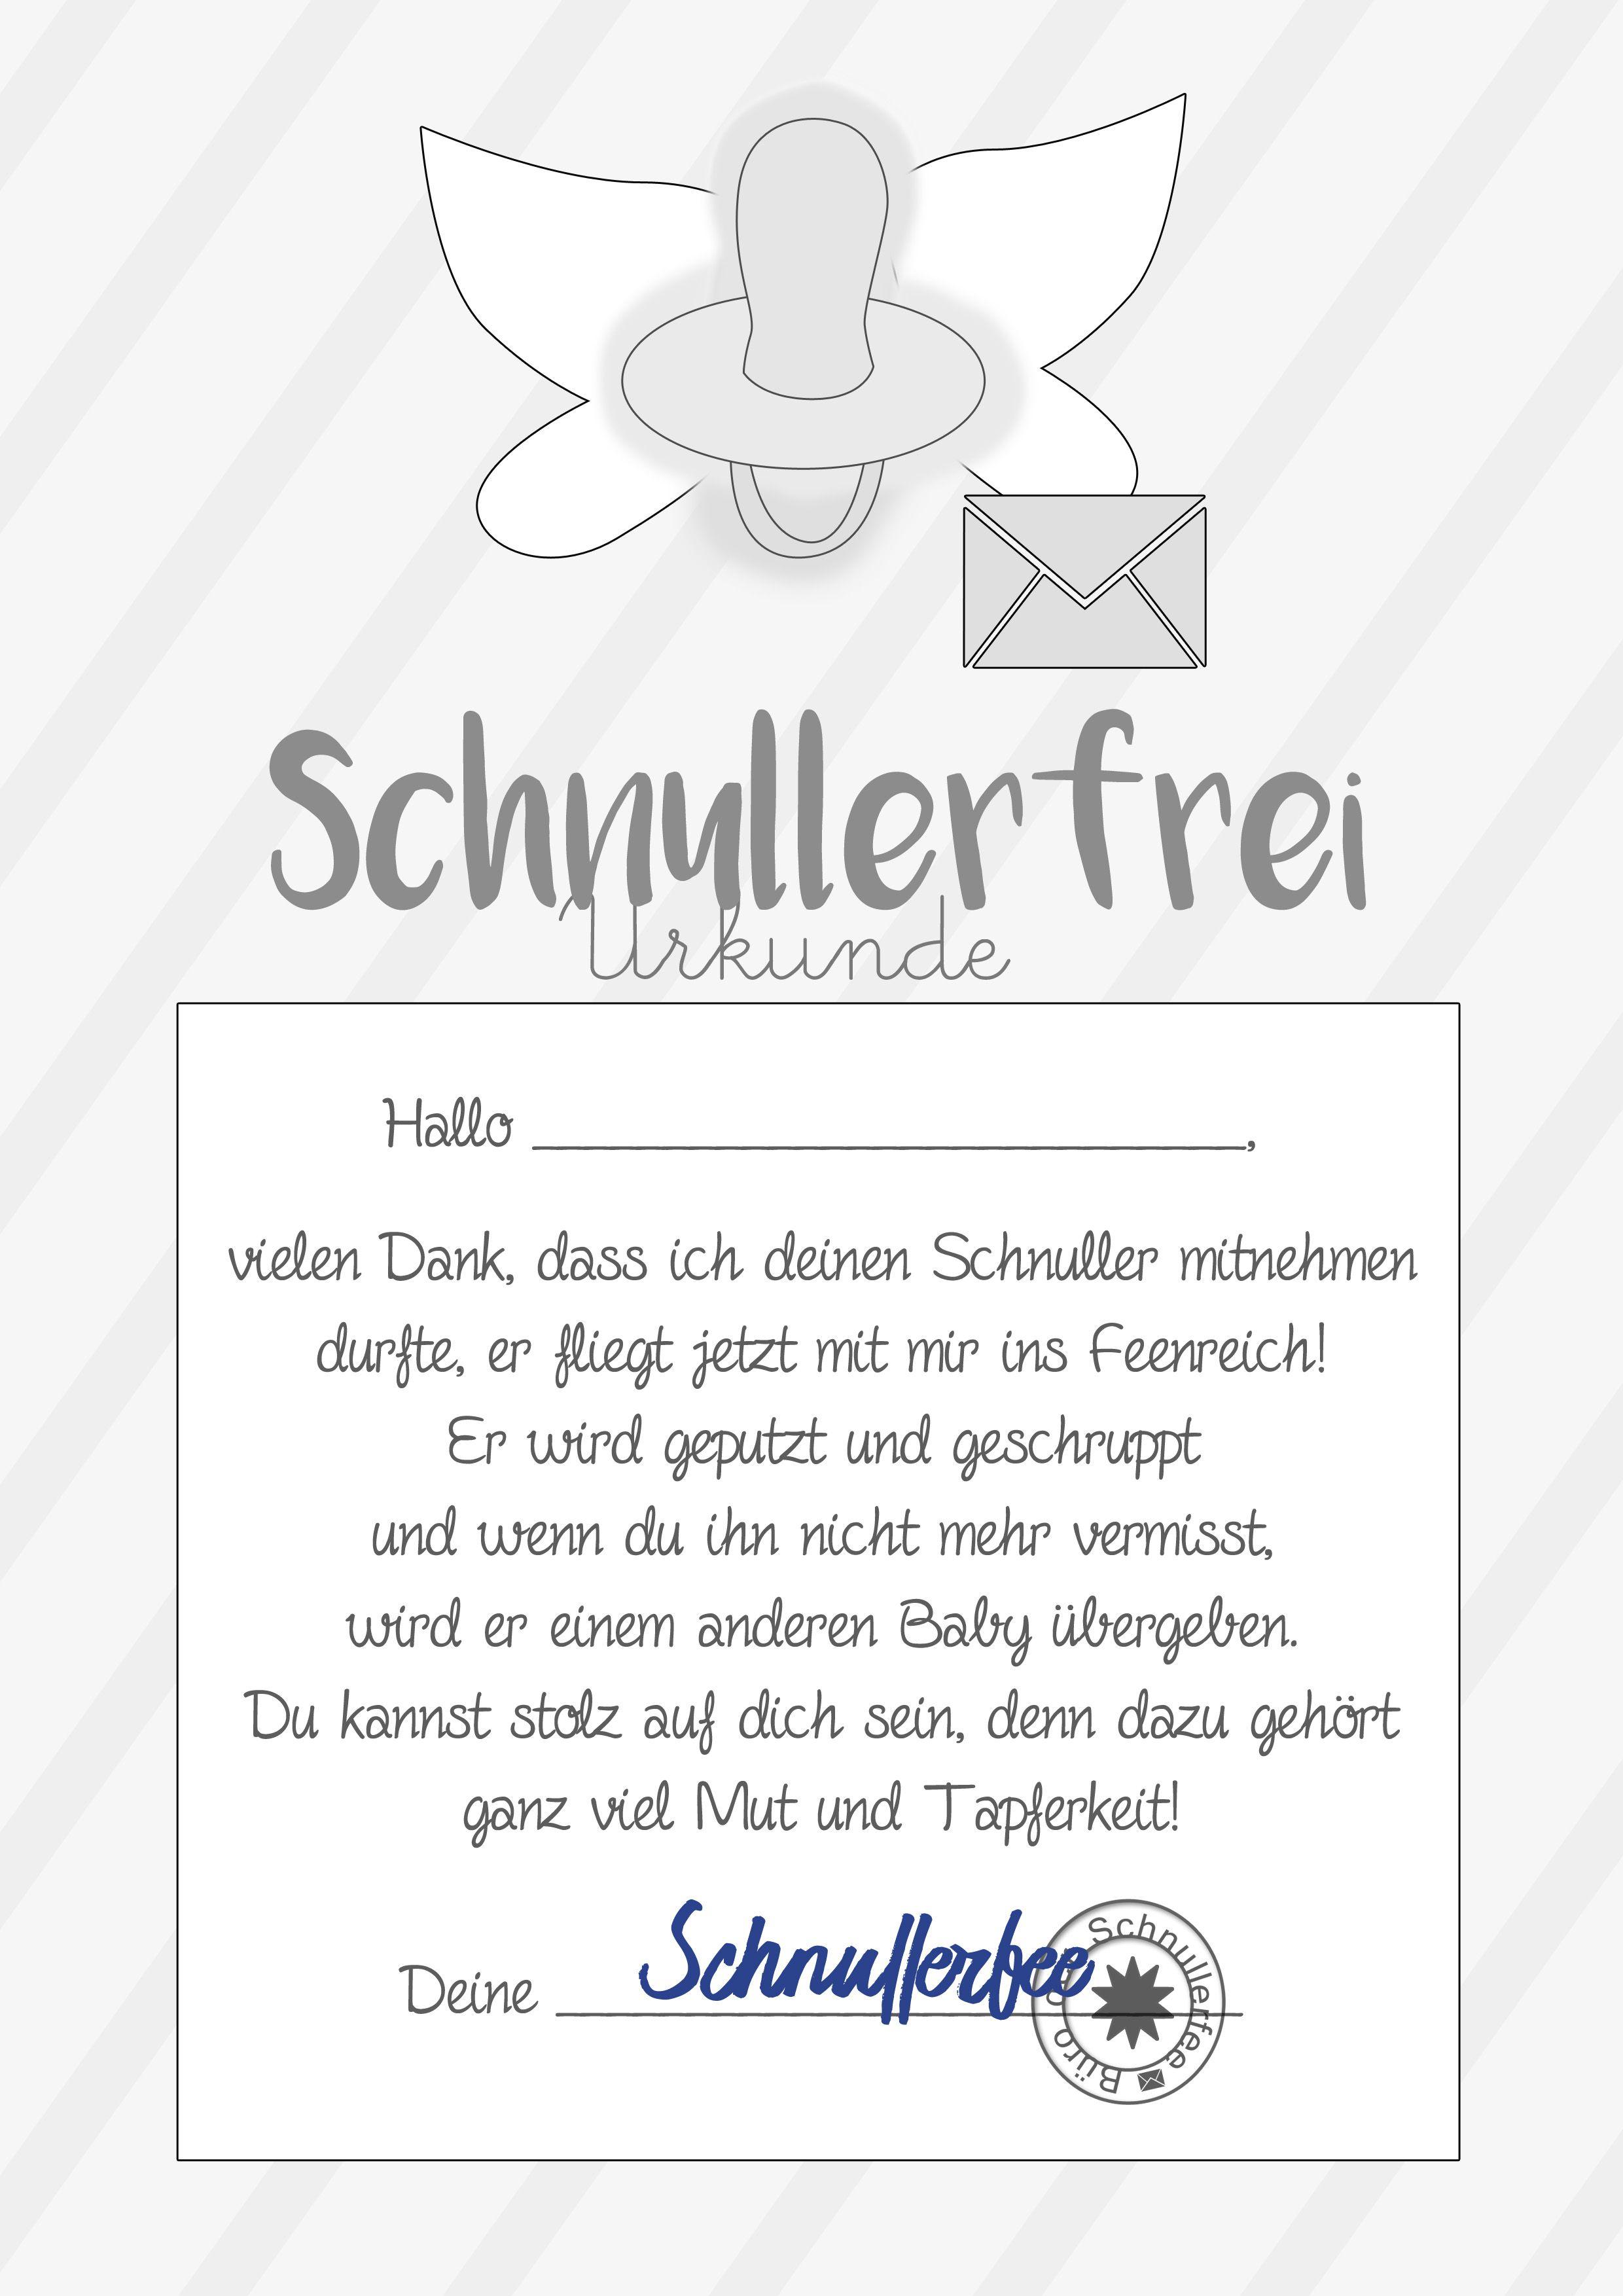 Schnullerfee Brief Vorlage Zum Ausdrucken Kita Einschulung Baby